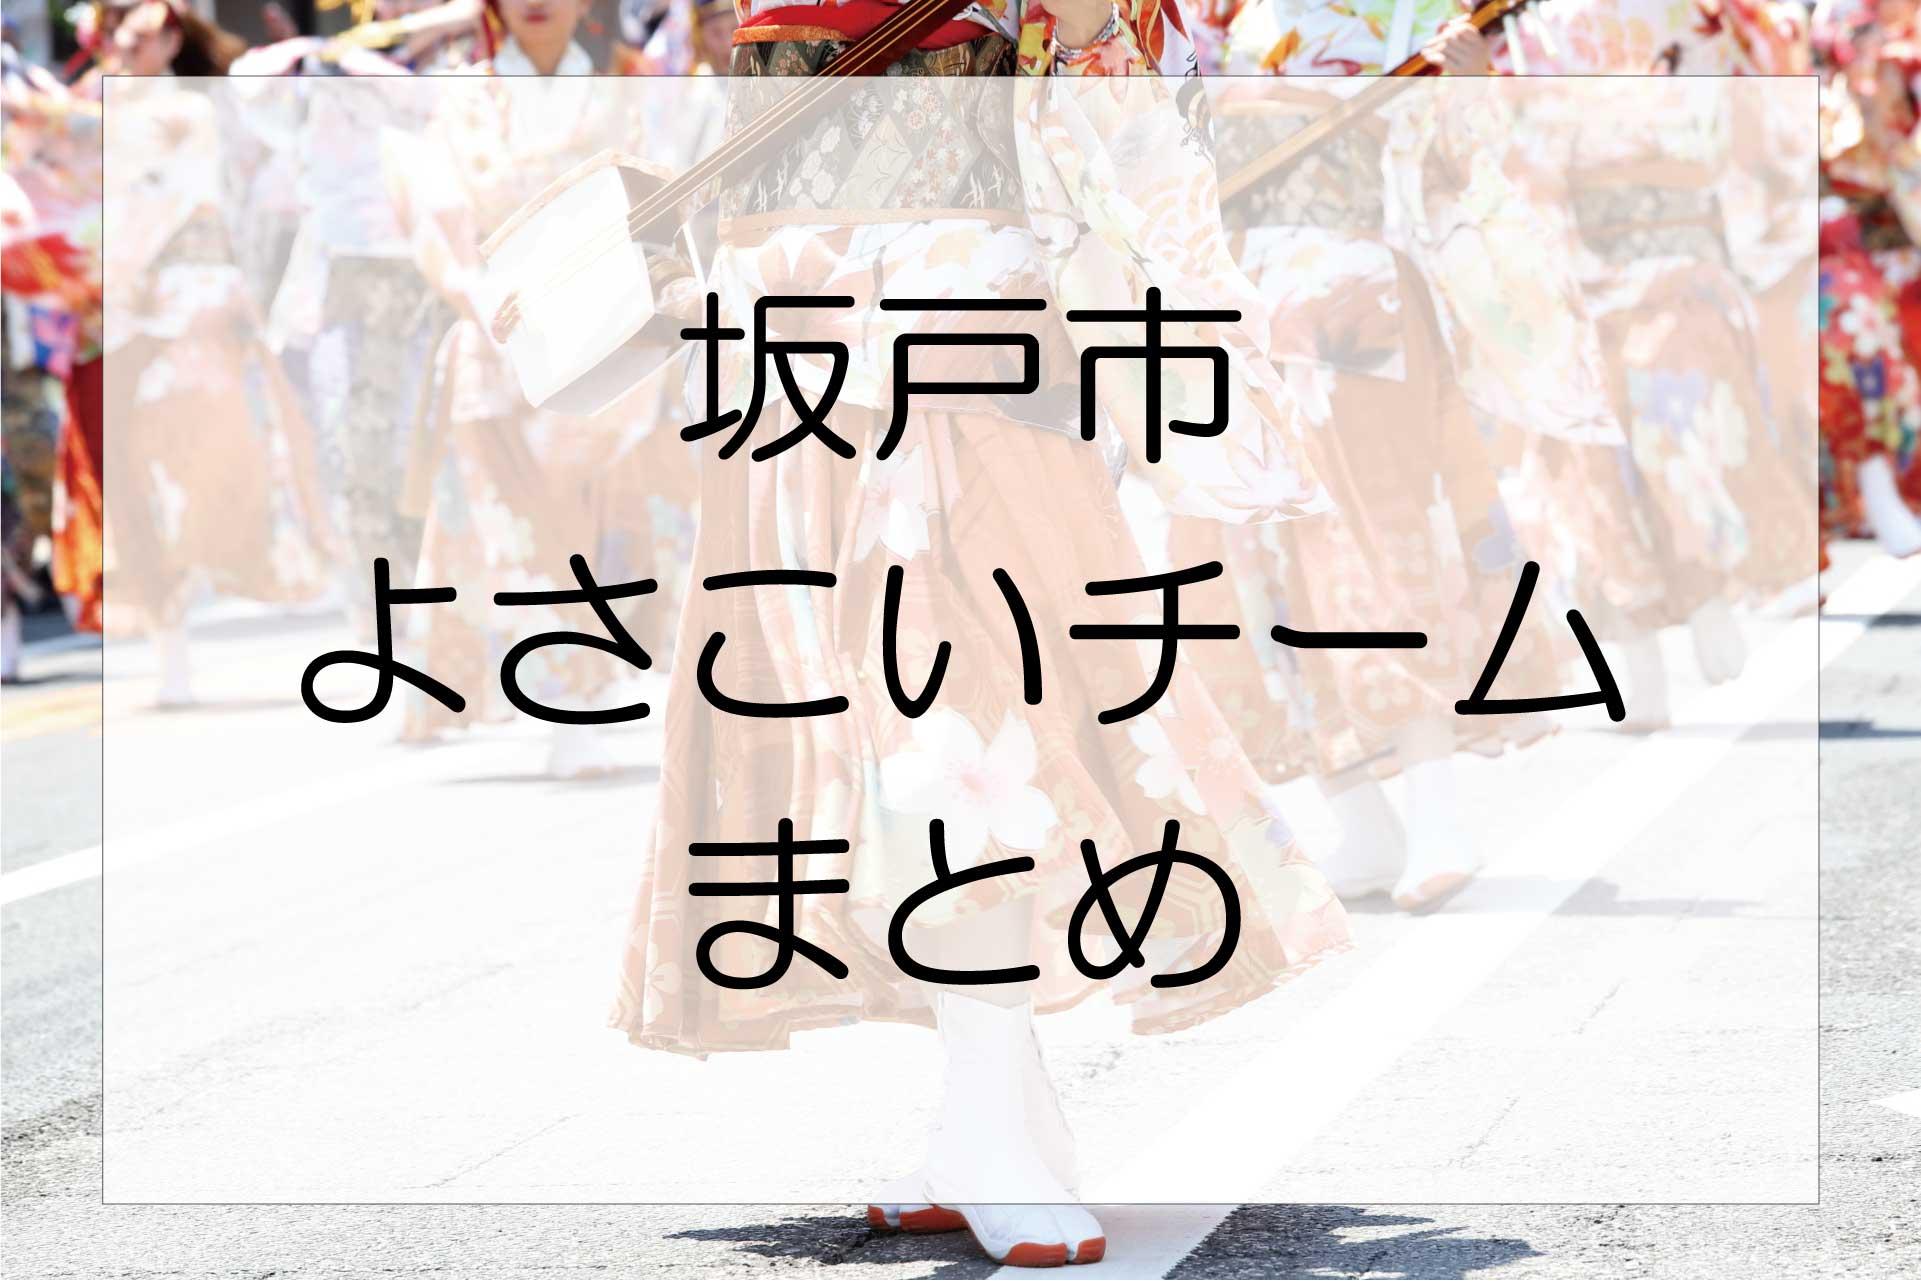 埼玉県坂戸市内のよさこいチームまとめ